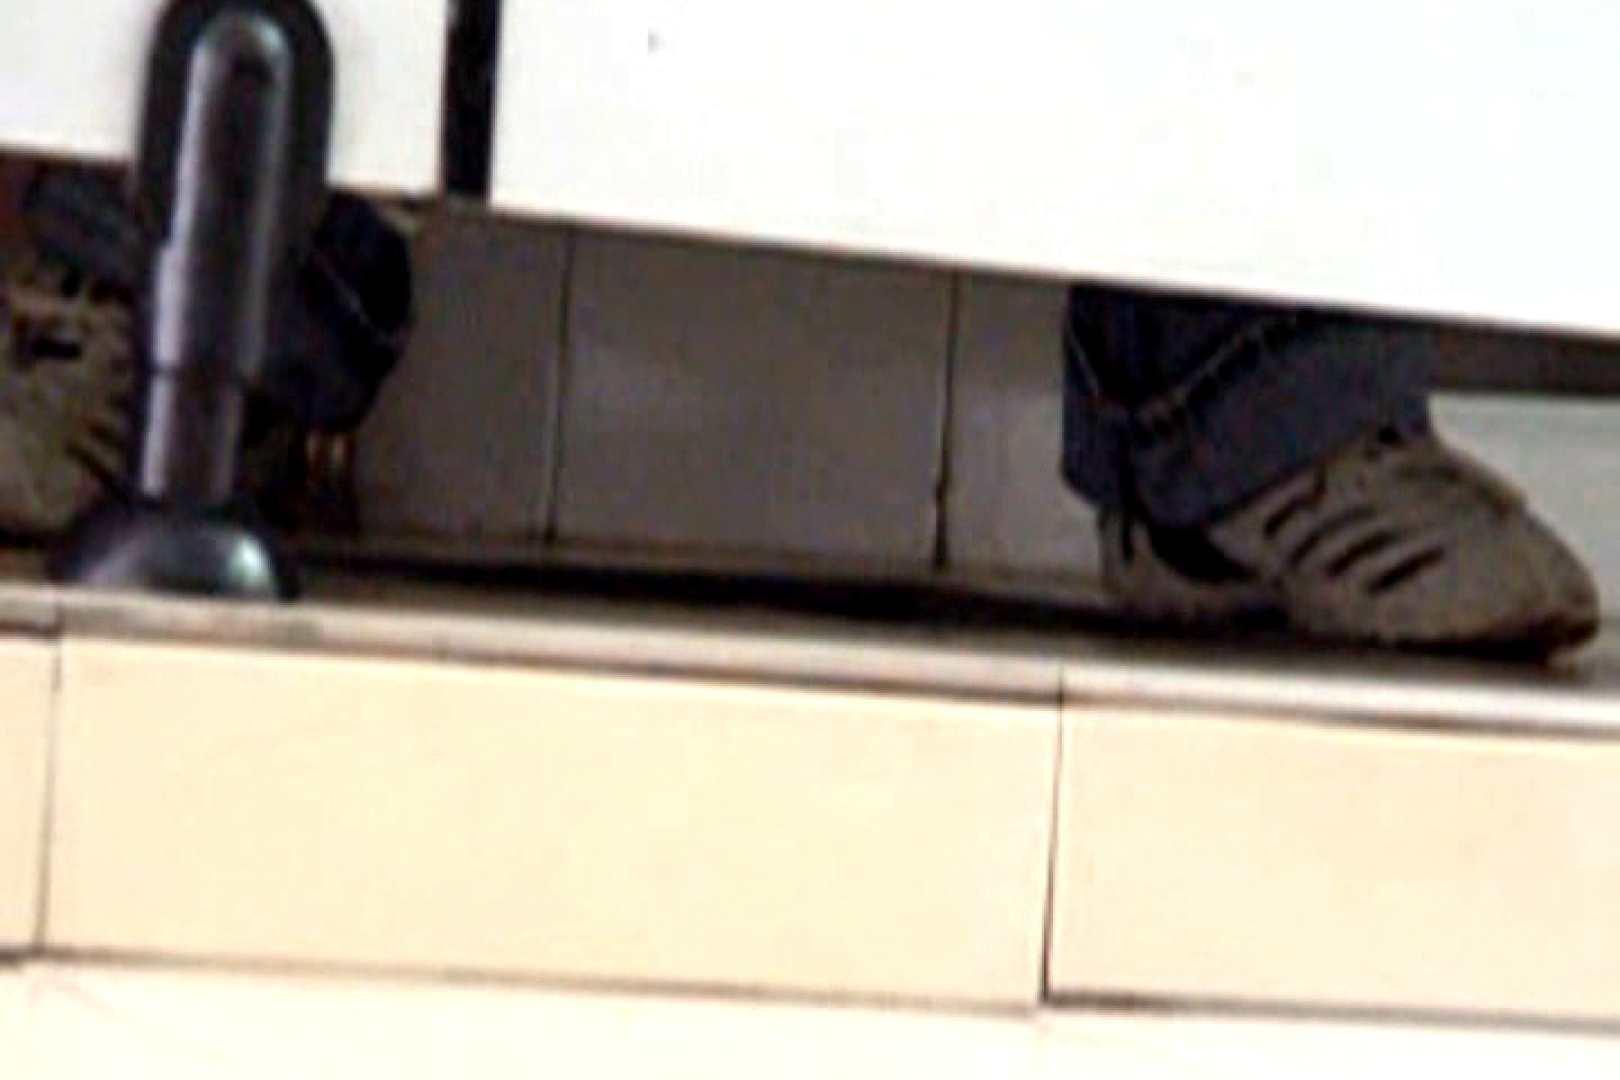 ぼっとん洗面所スペシャルVol.5 OLエロ画像 | 生おまんこ  88PICs 58